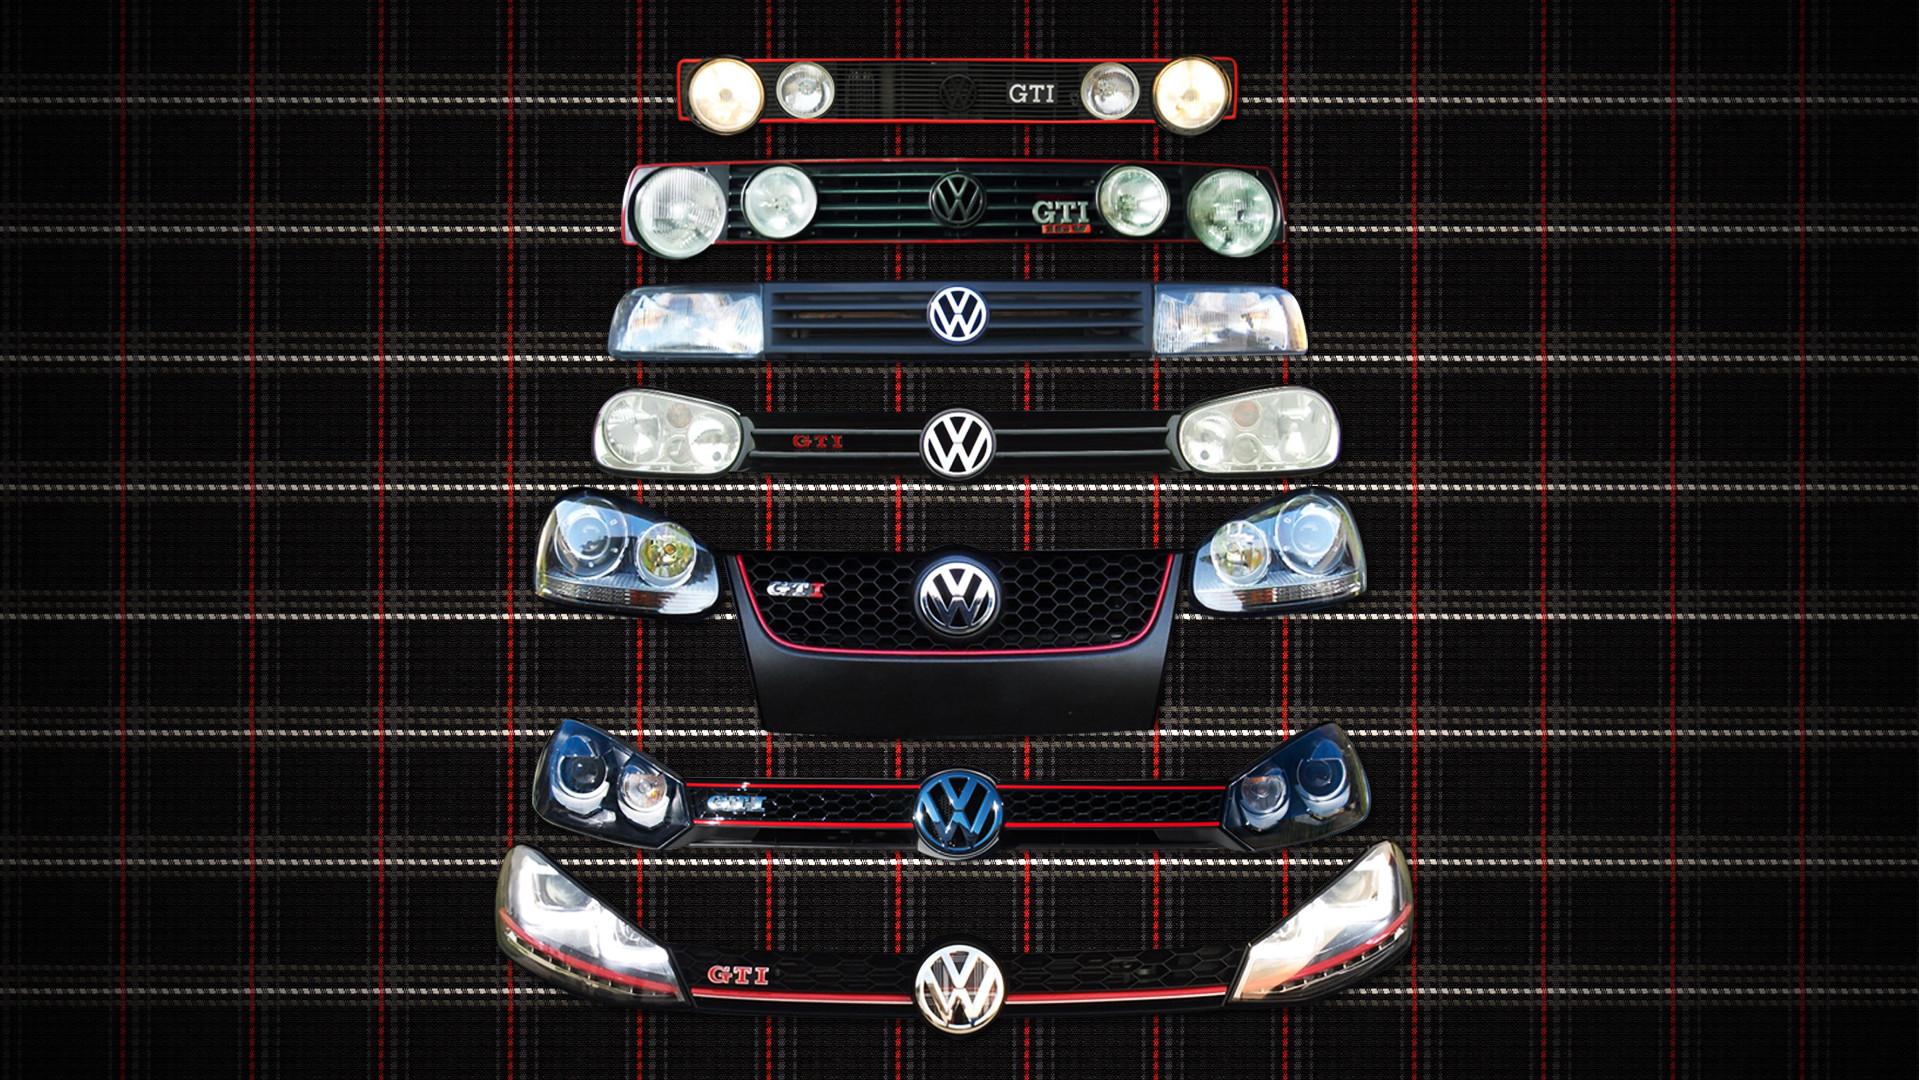 Volkswagen Gti Wallpaper 74 Pictures